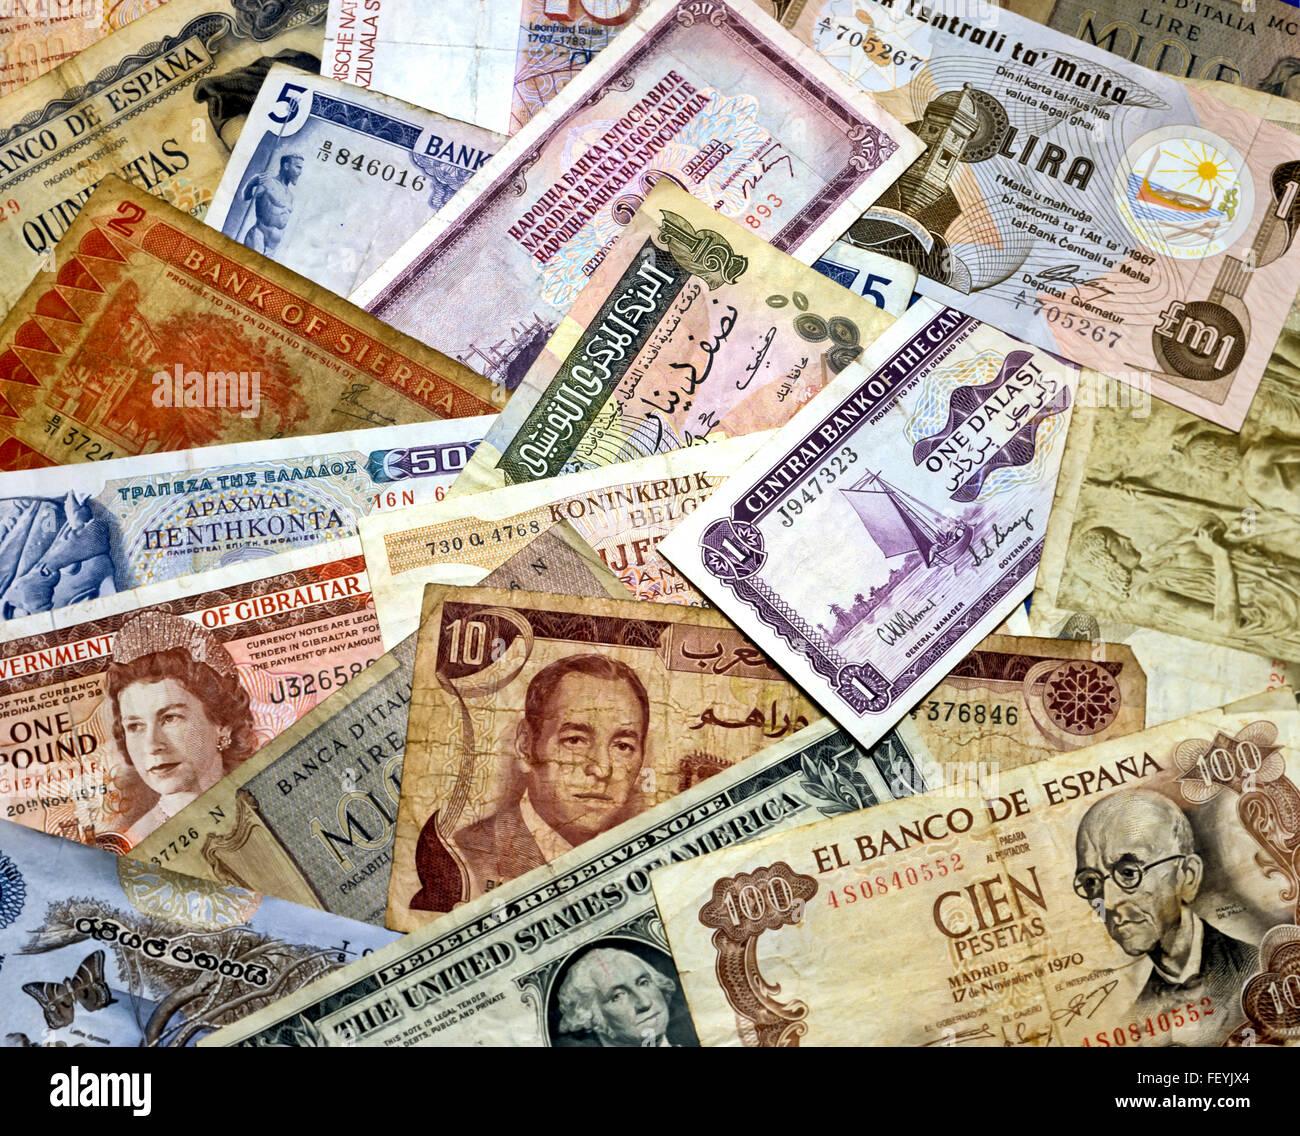 AA 6882. Archivierung der 1990er Jahre International und Pre-Euro-Banknoten Stockbild